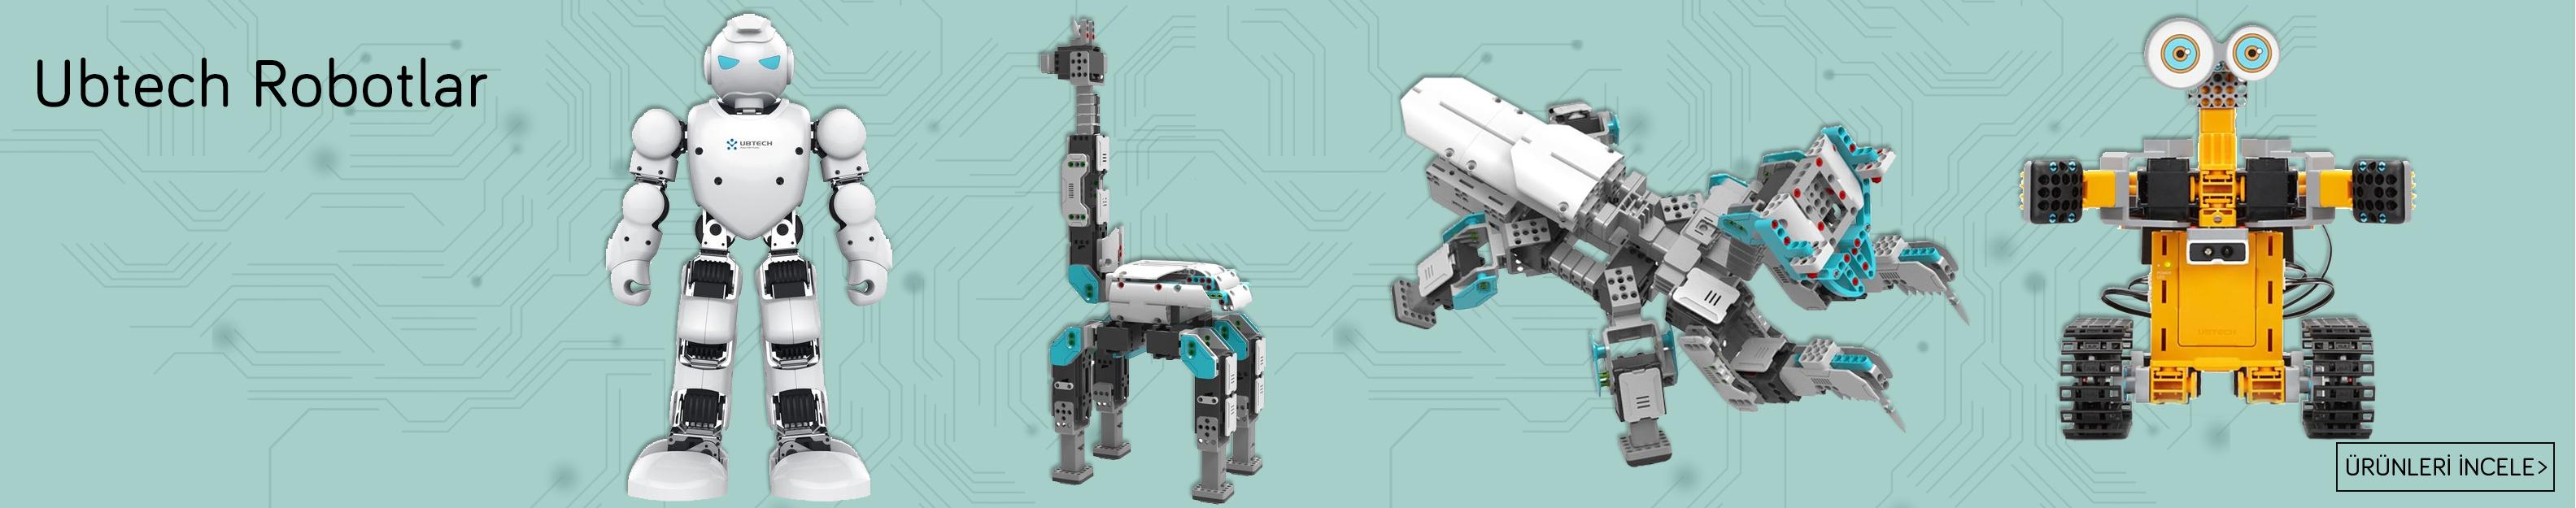 Ubtech Robotlar